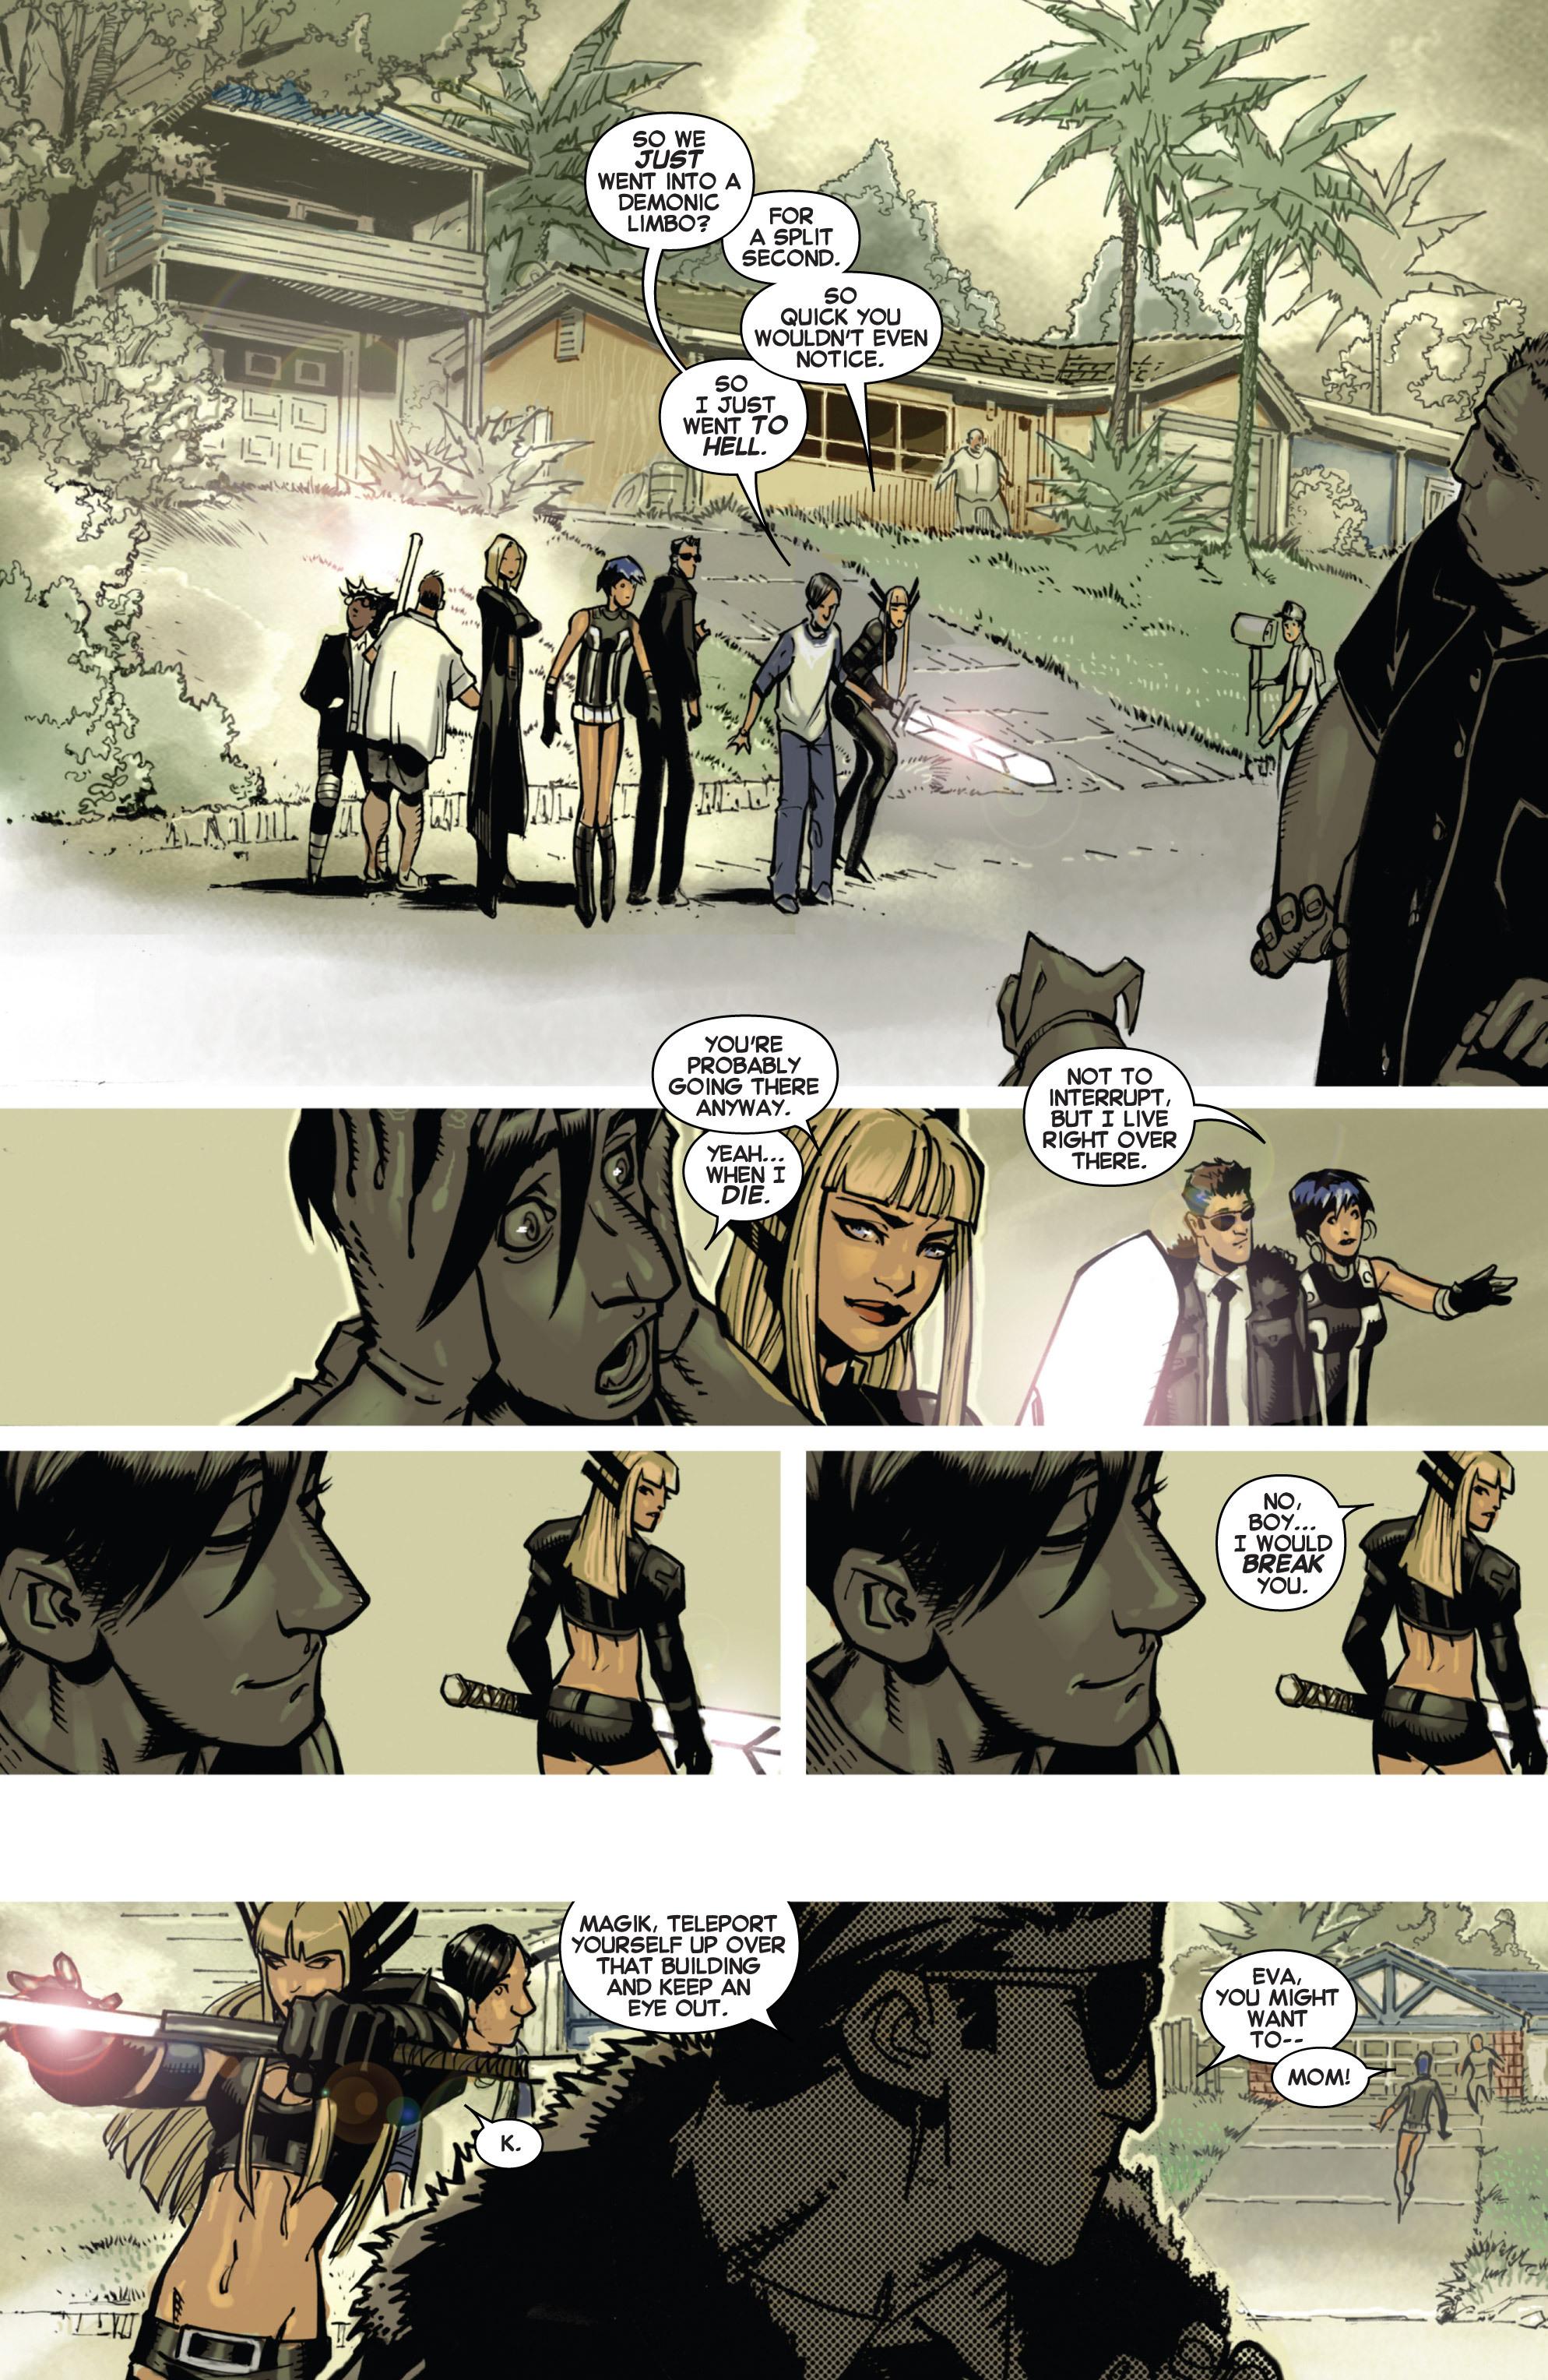 Read online Uncanny X-Men (2013) comic -  Issue #2 - 17